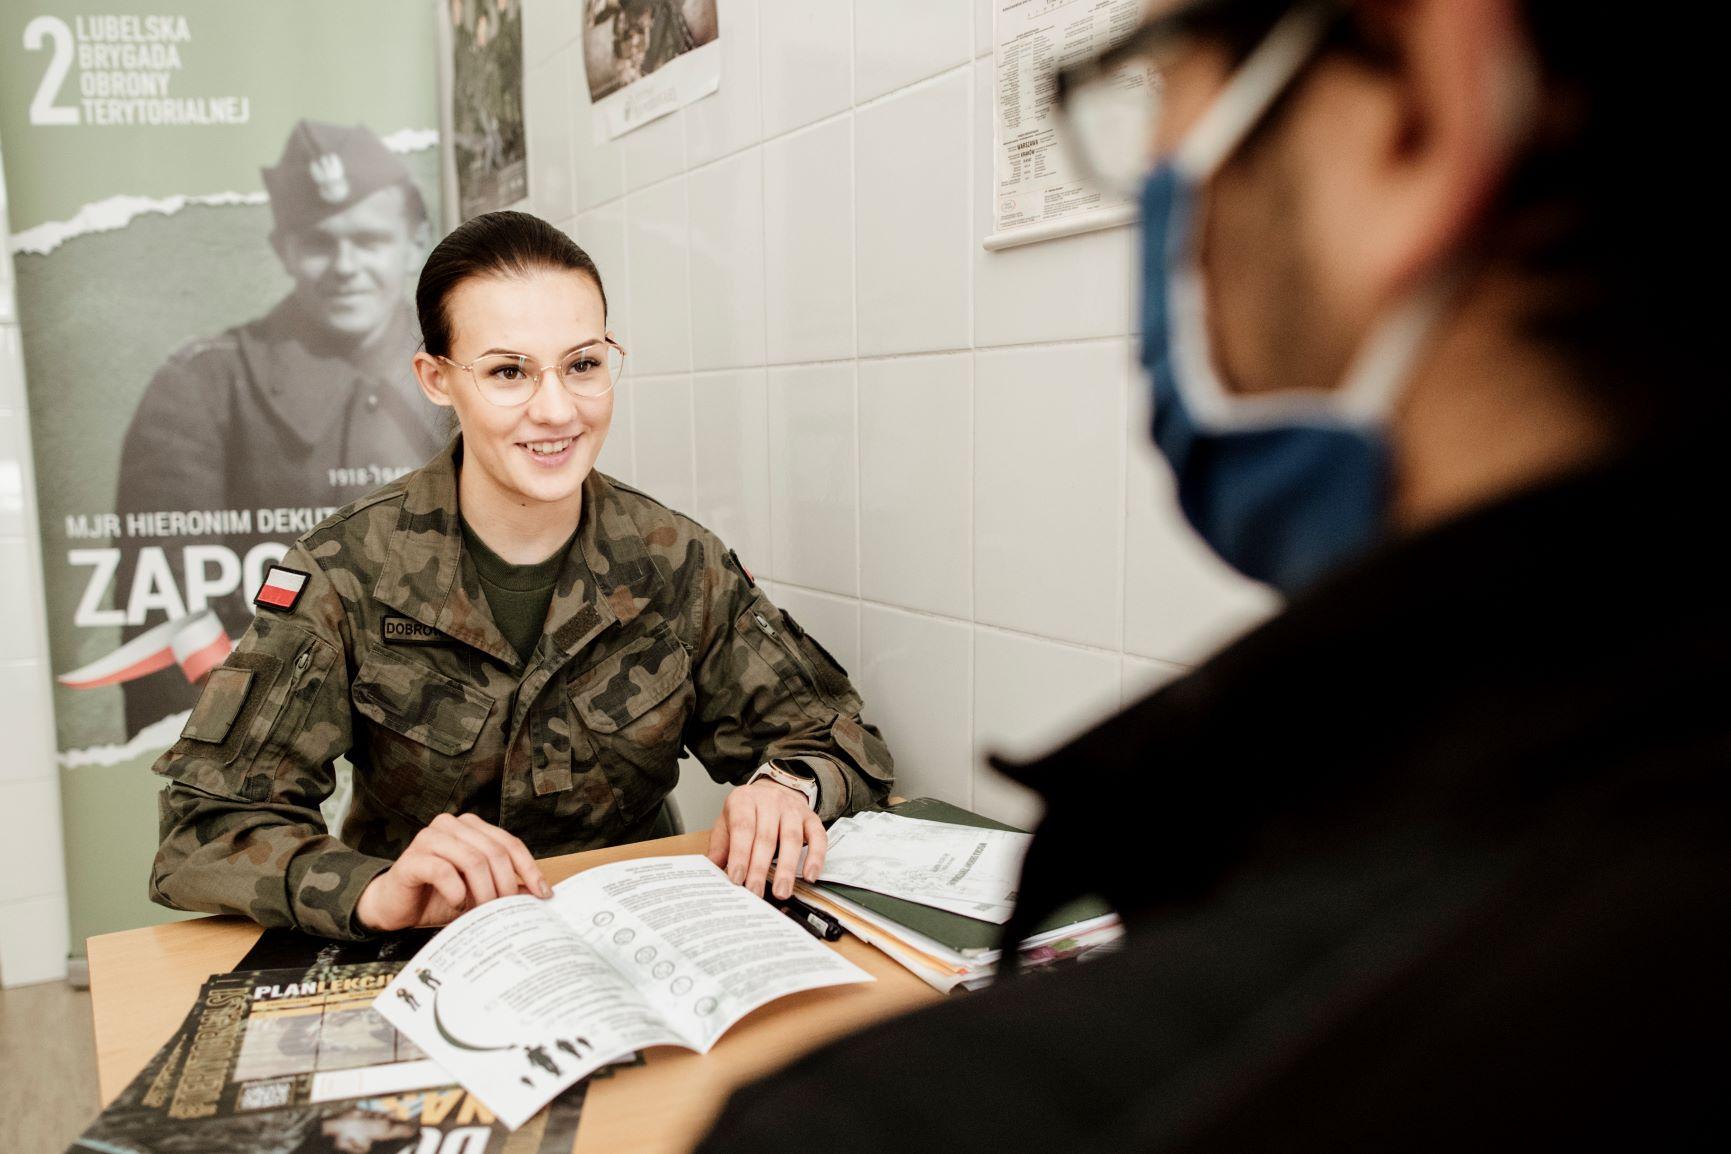 kwalifikacja wojskowa zamosc 2021 Wojsko wzywa! Trwa kwalifikacja wojskowaw Zamościu i regionie